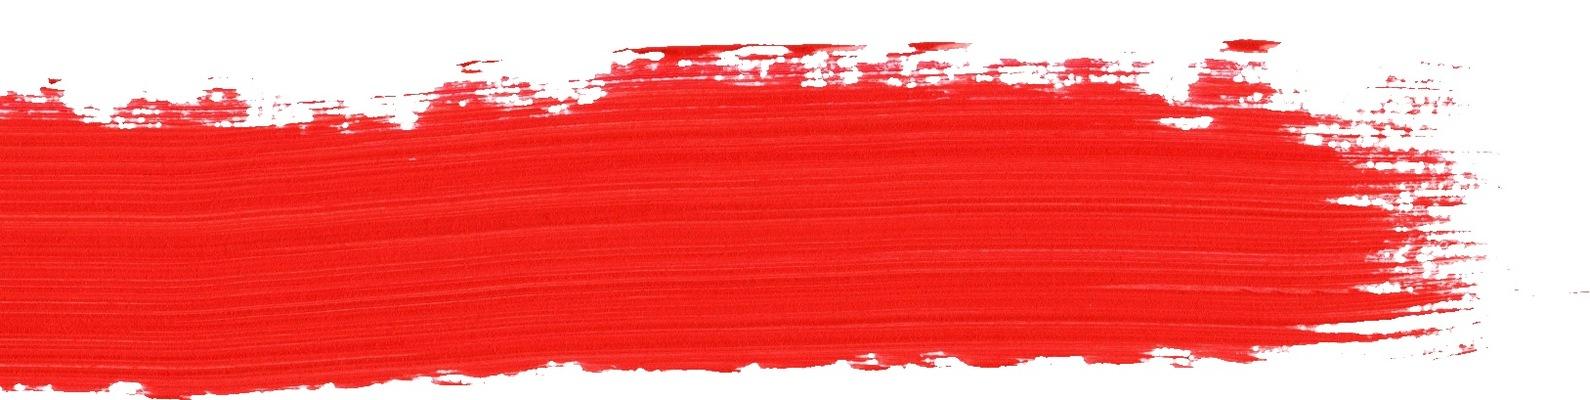 красная линия картинка на прозрачном фоне комплименты